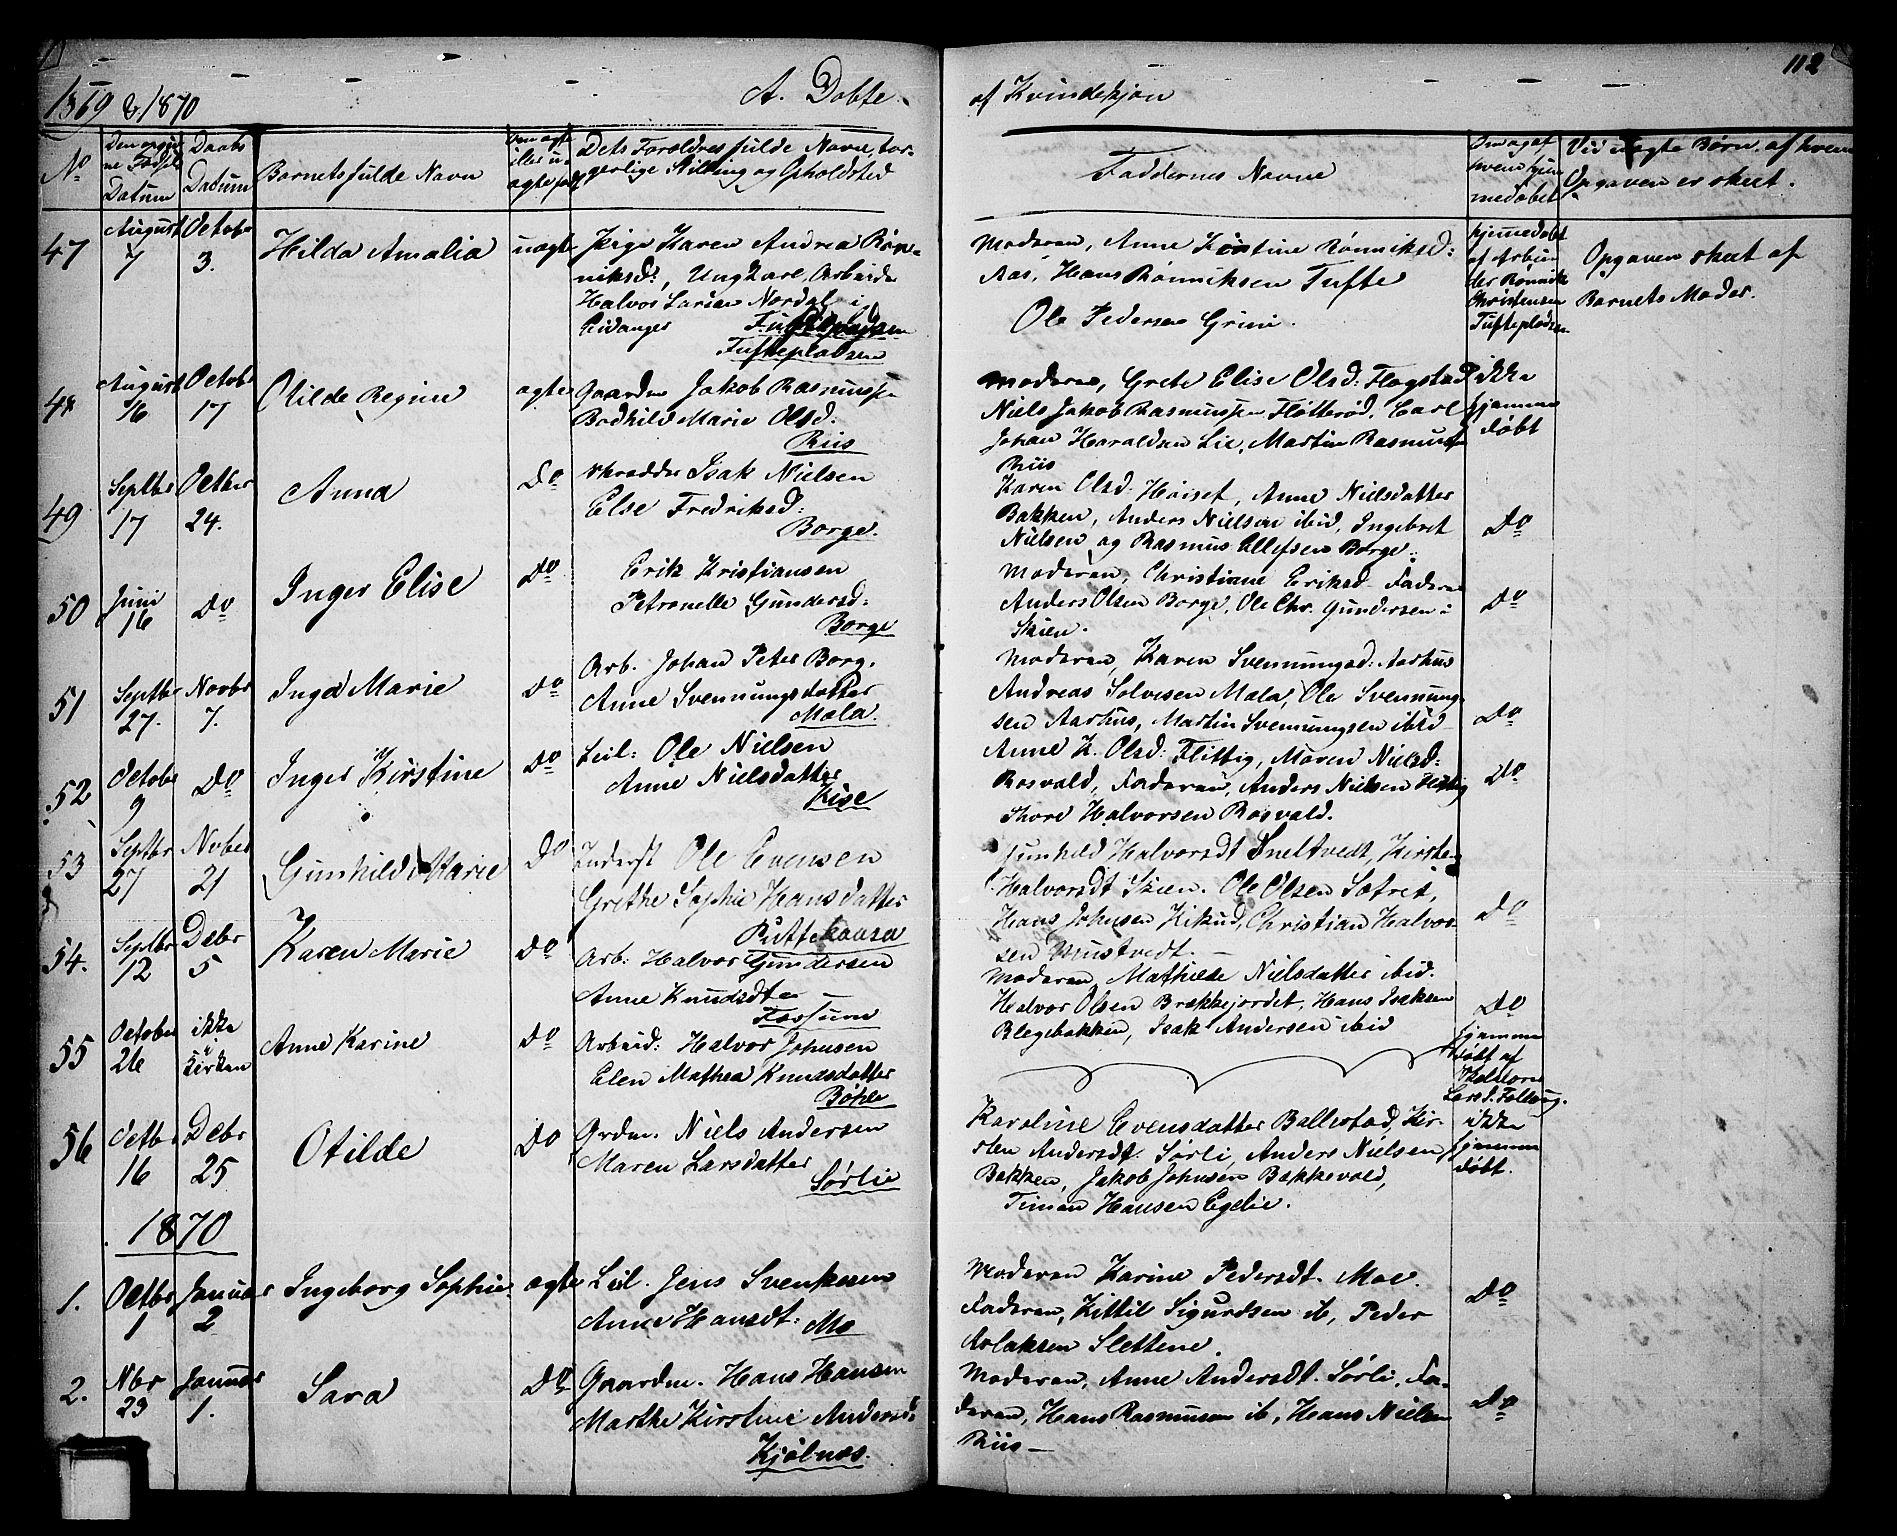 SAKO, Gjerpen kirkebøker, G/Ga/L0001: Klokkerbok nr. I 1, 1864-1882, s. 112